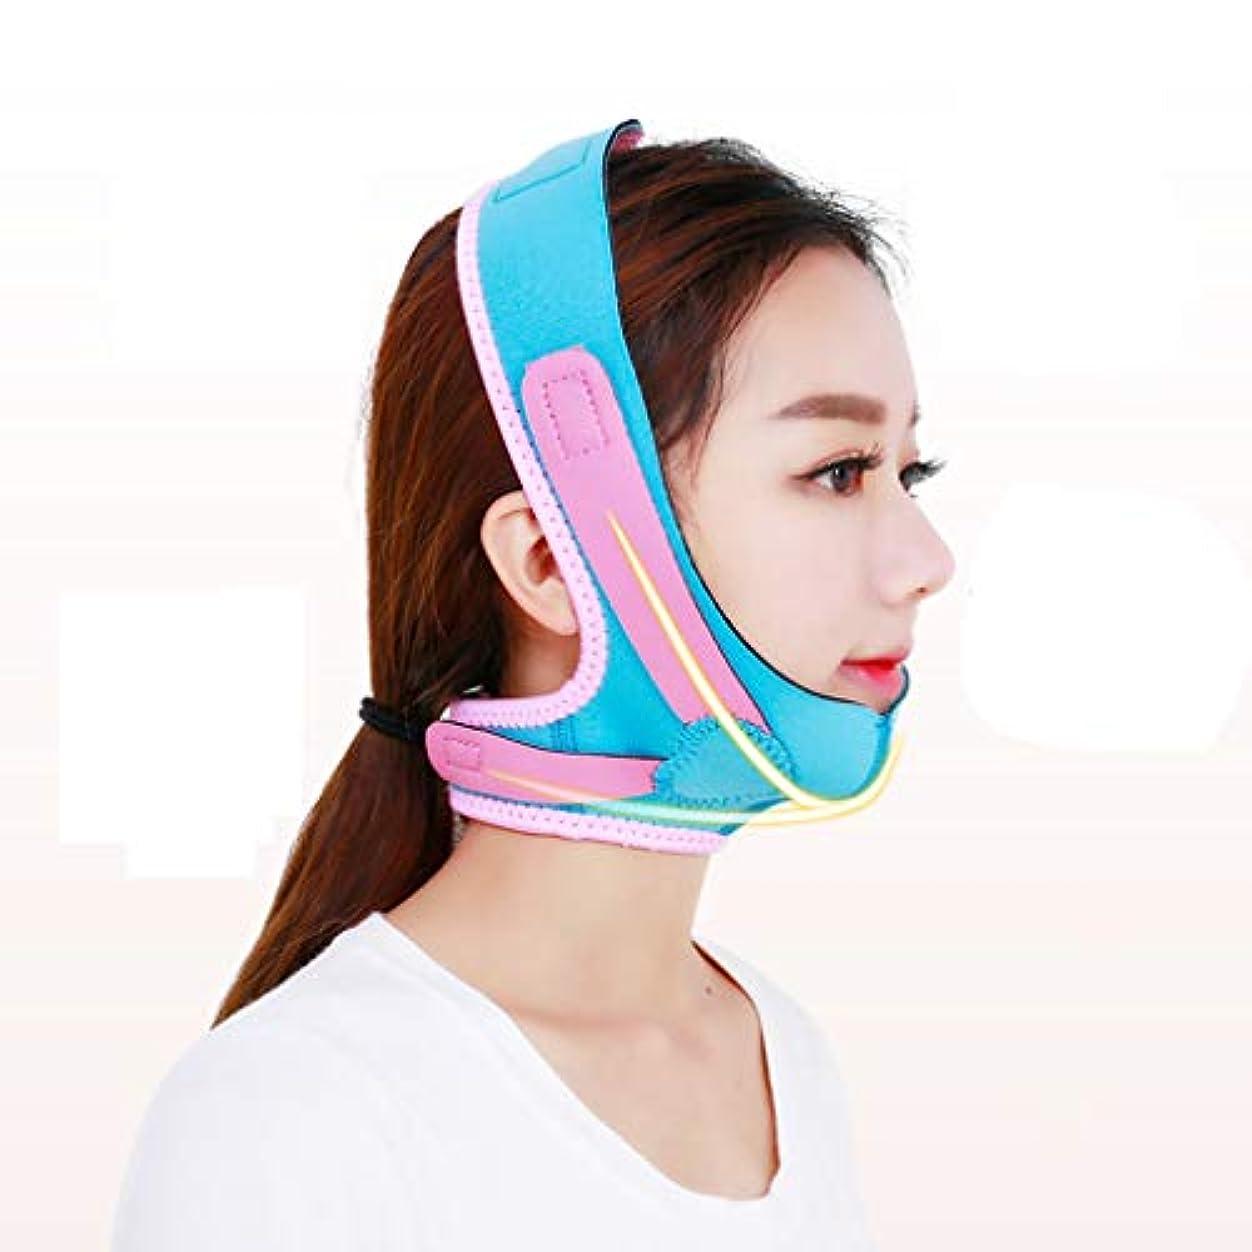 倒産忘れるスポークスマン顔の重量の損失の顔の計器の包帯小さな顔のステッカーの女性の睡眠の顎セット